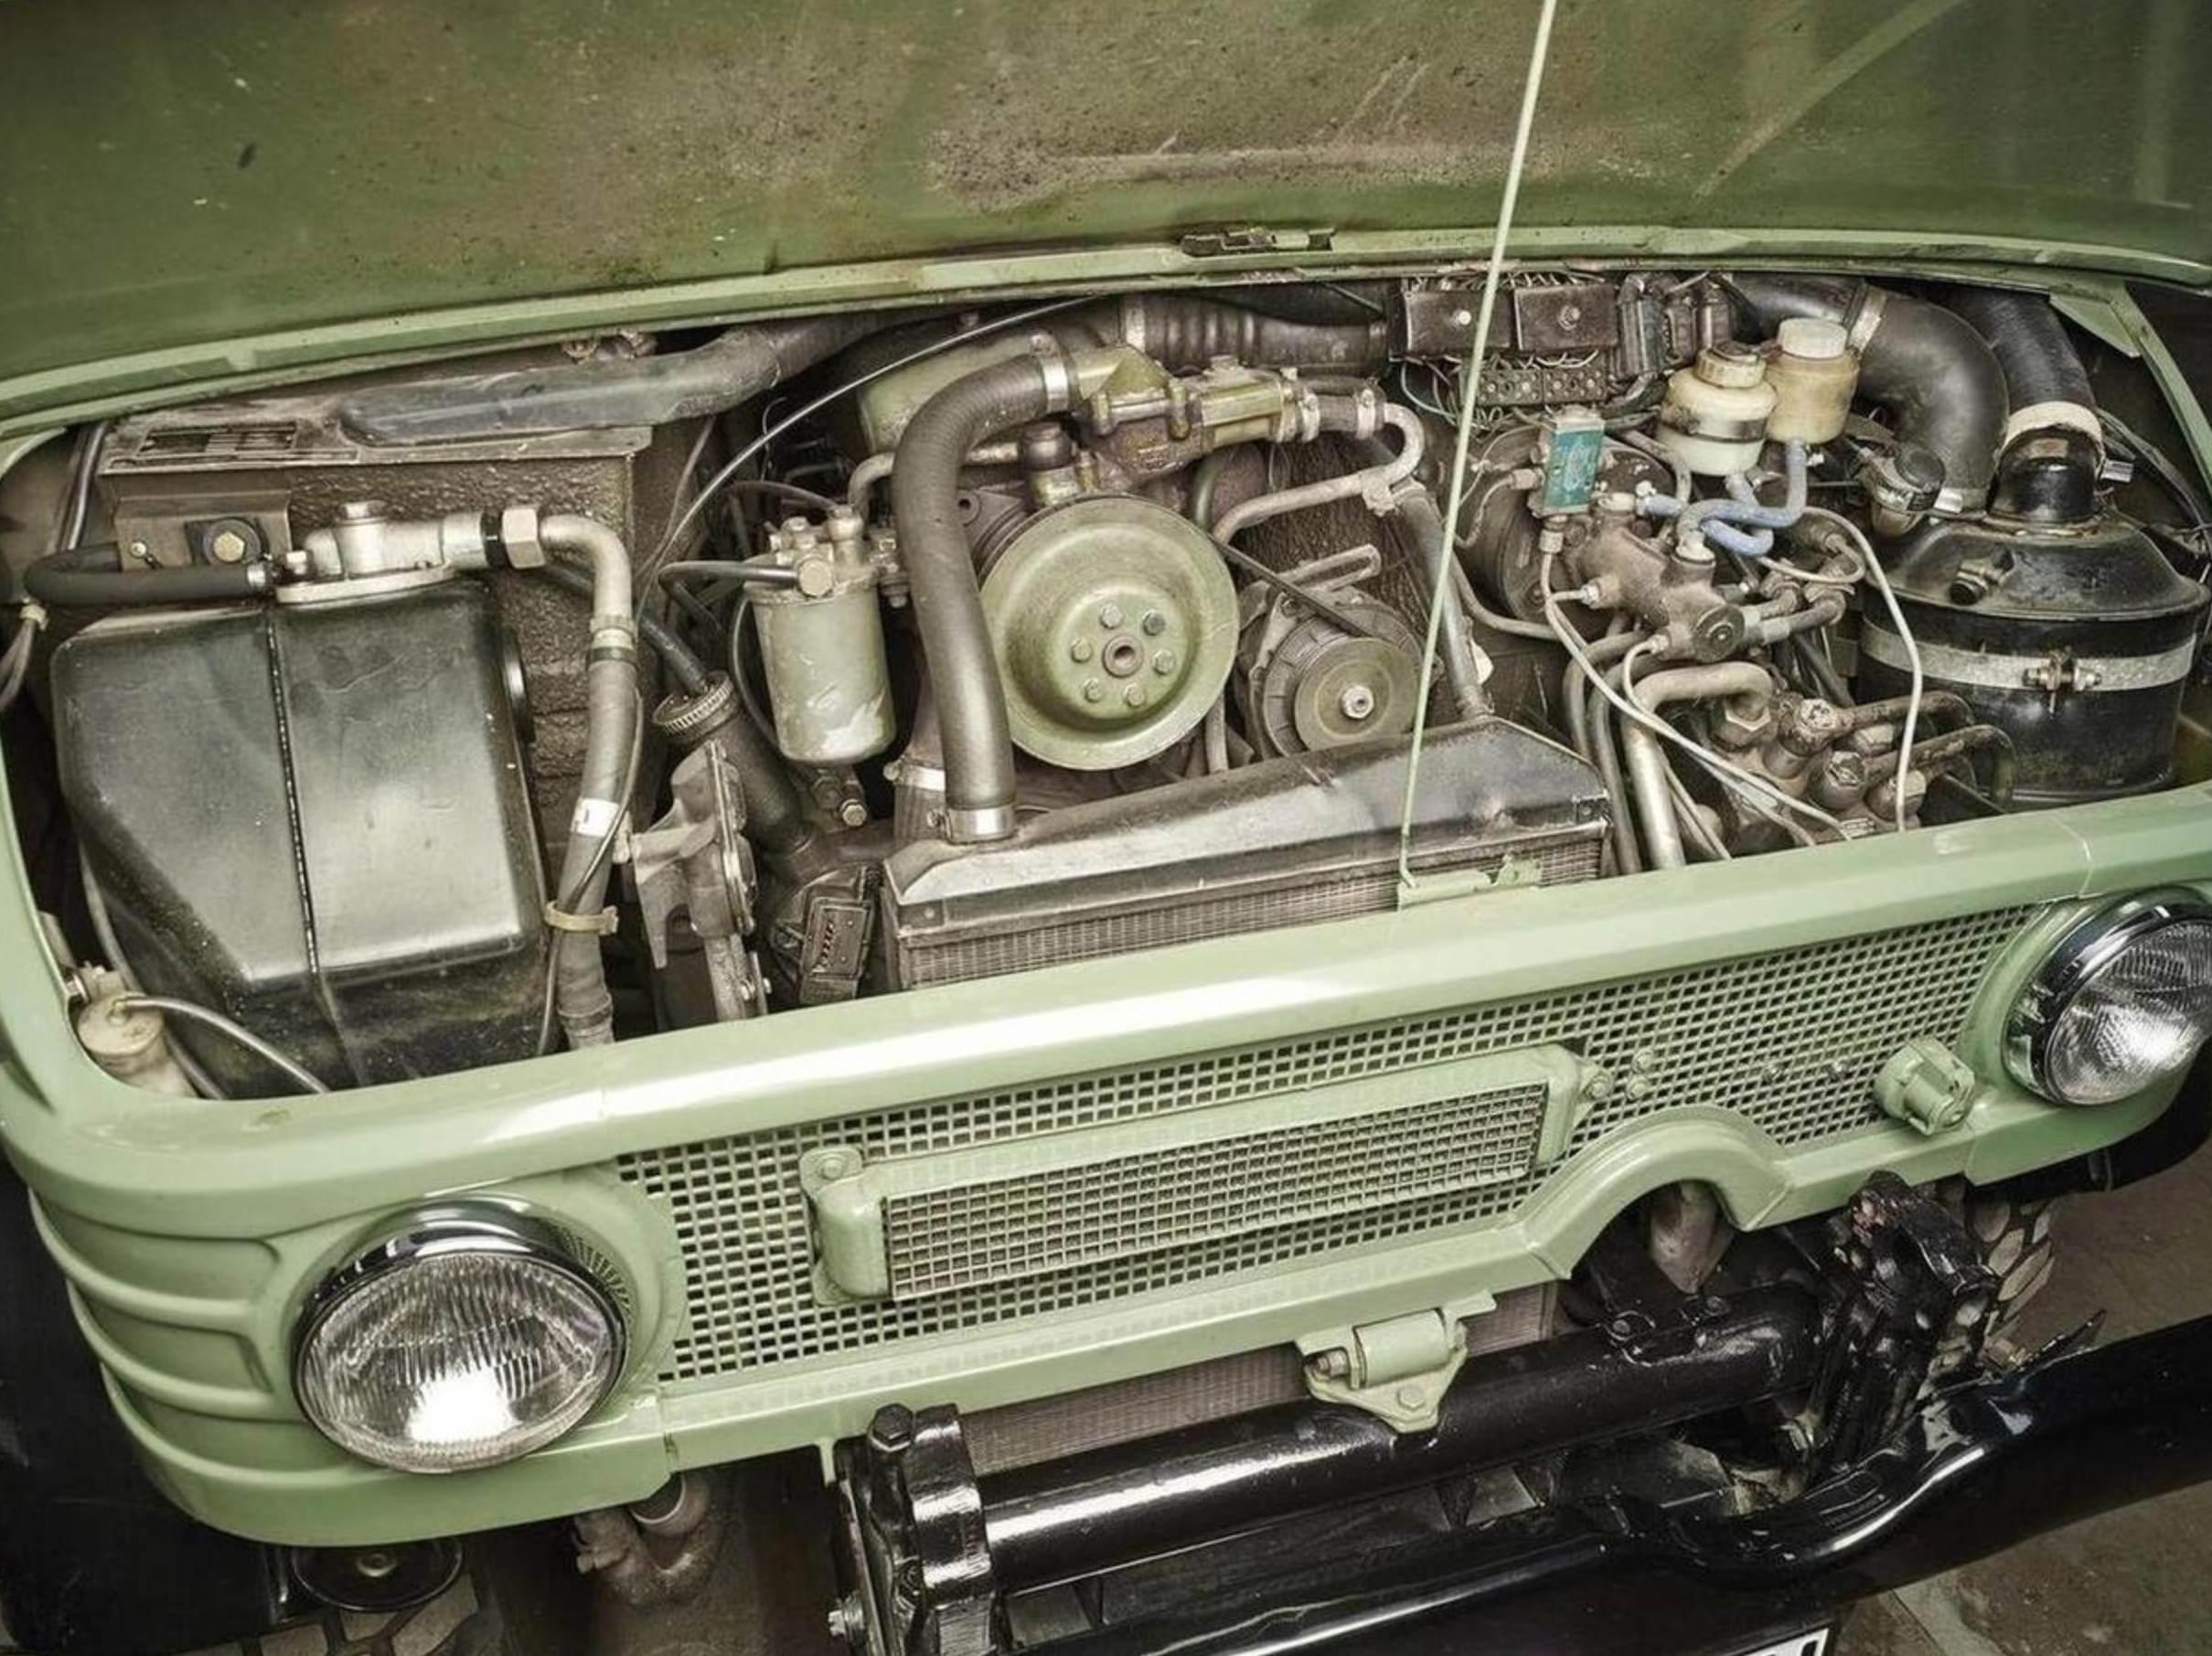 benz turbo mercedes diesel engines watch youtube sedan owner